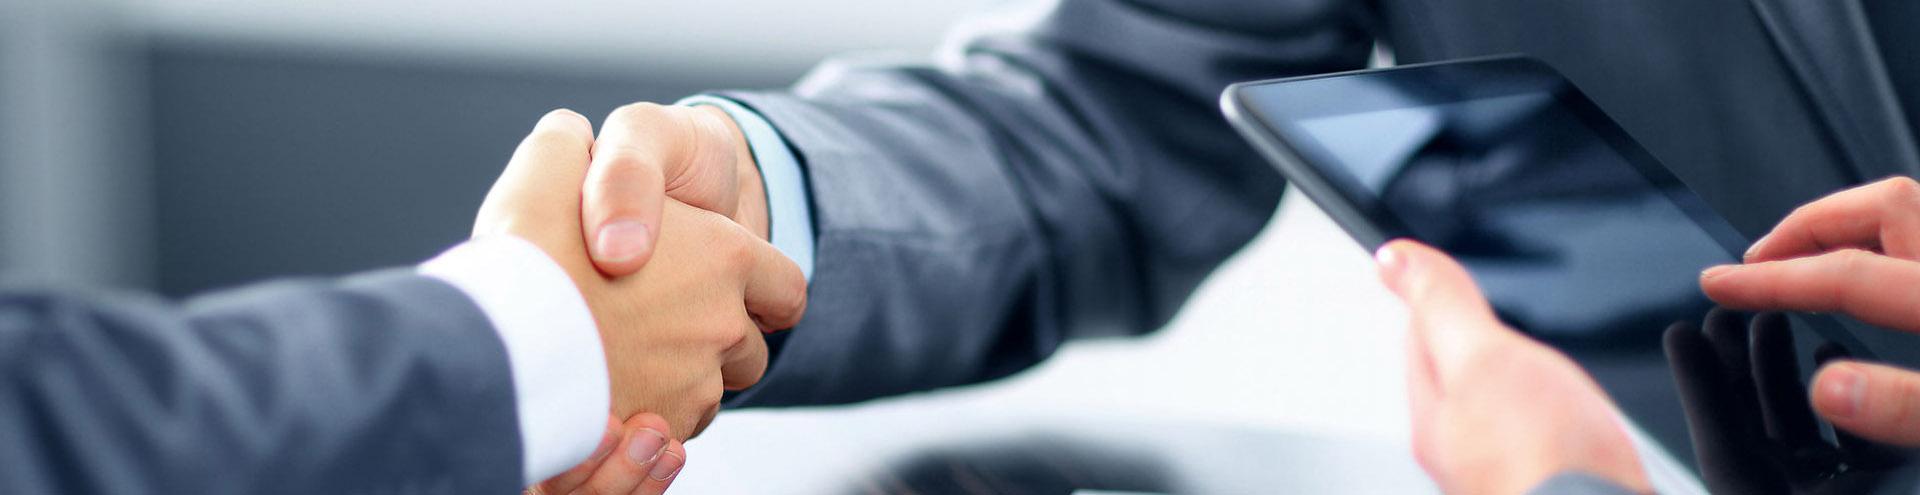 юридическое обслуживание предпринимателей в Самаре